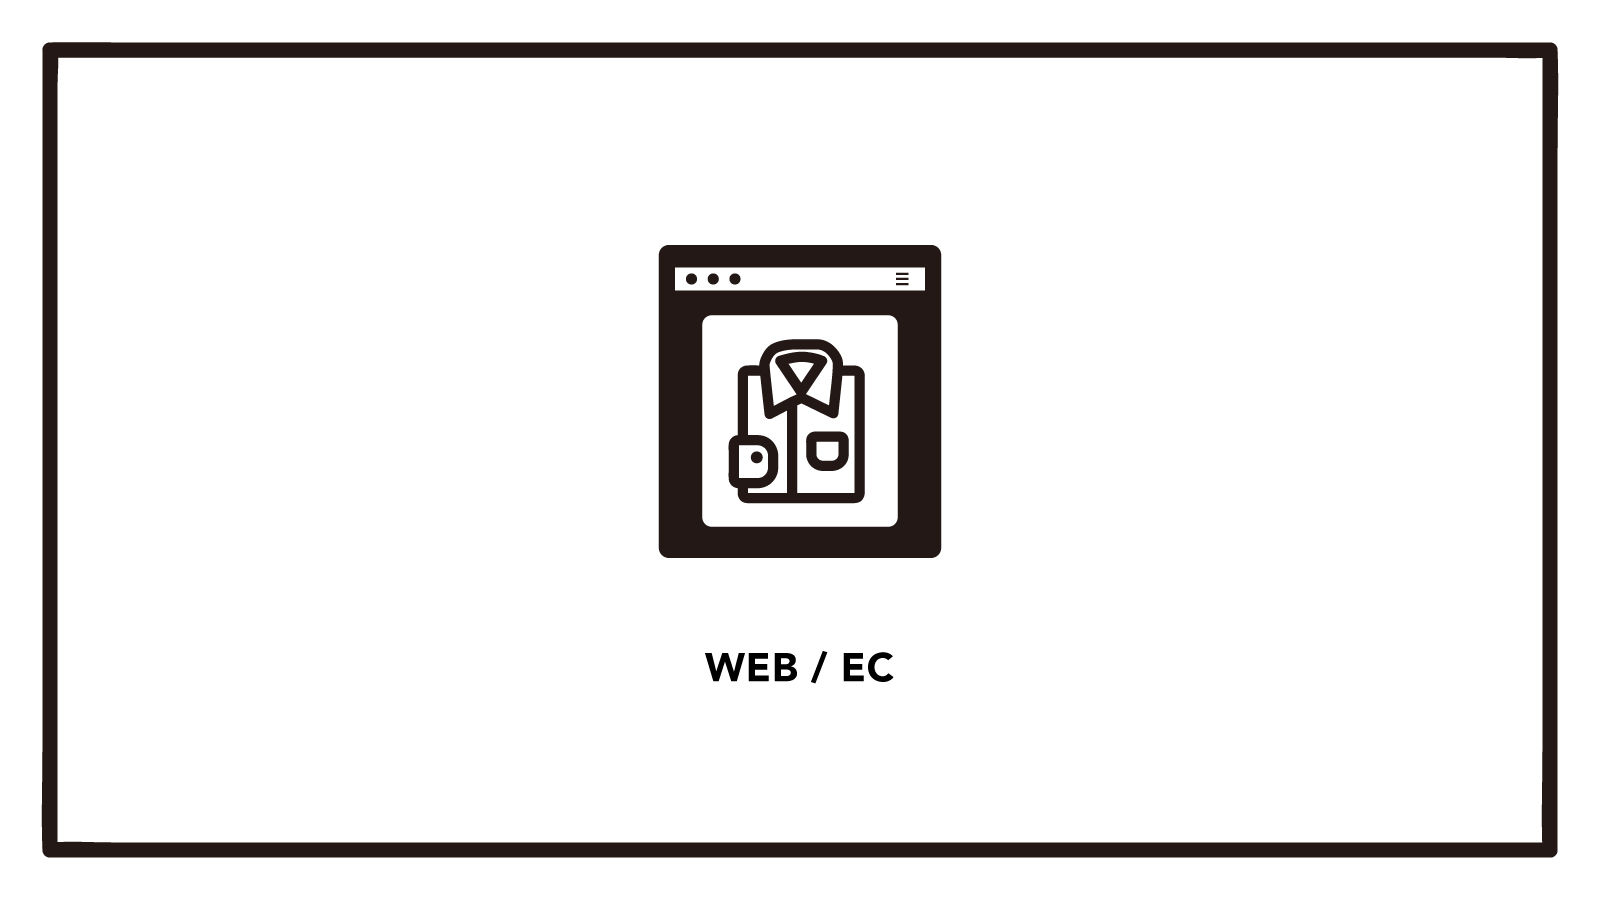 【EC運営担当】自社EC事業においてレディース担当者を募集!!のカバー写真